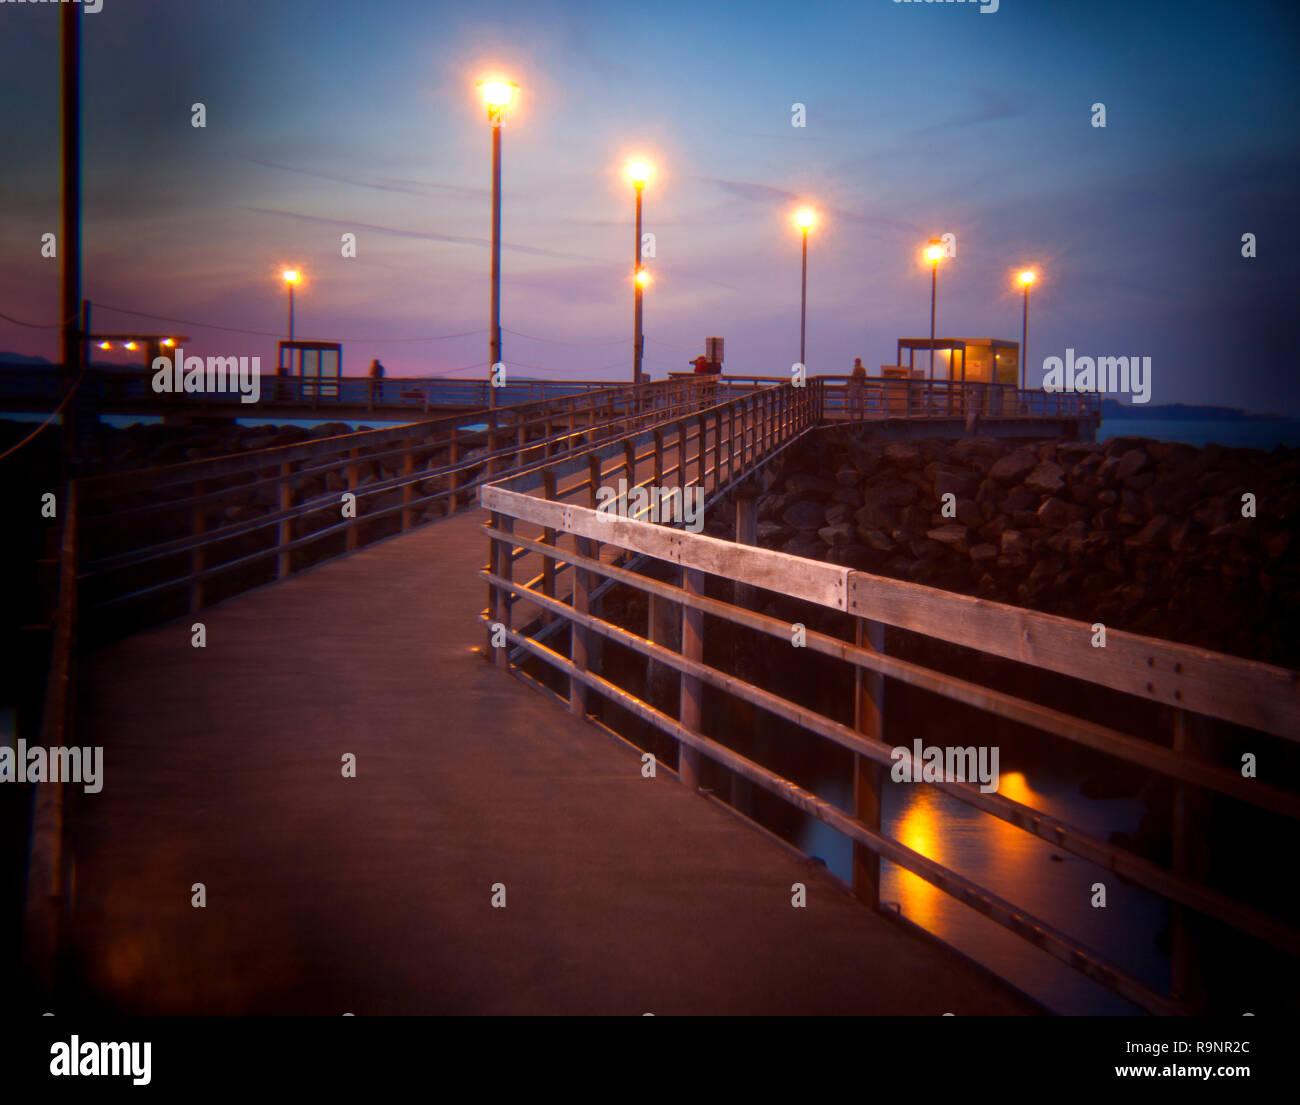 LB00126-00...WASHINGTON - The Edmonds Fishing Pier at sunset. Holga image. - Stock Image